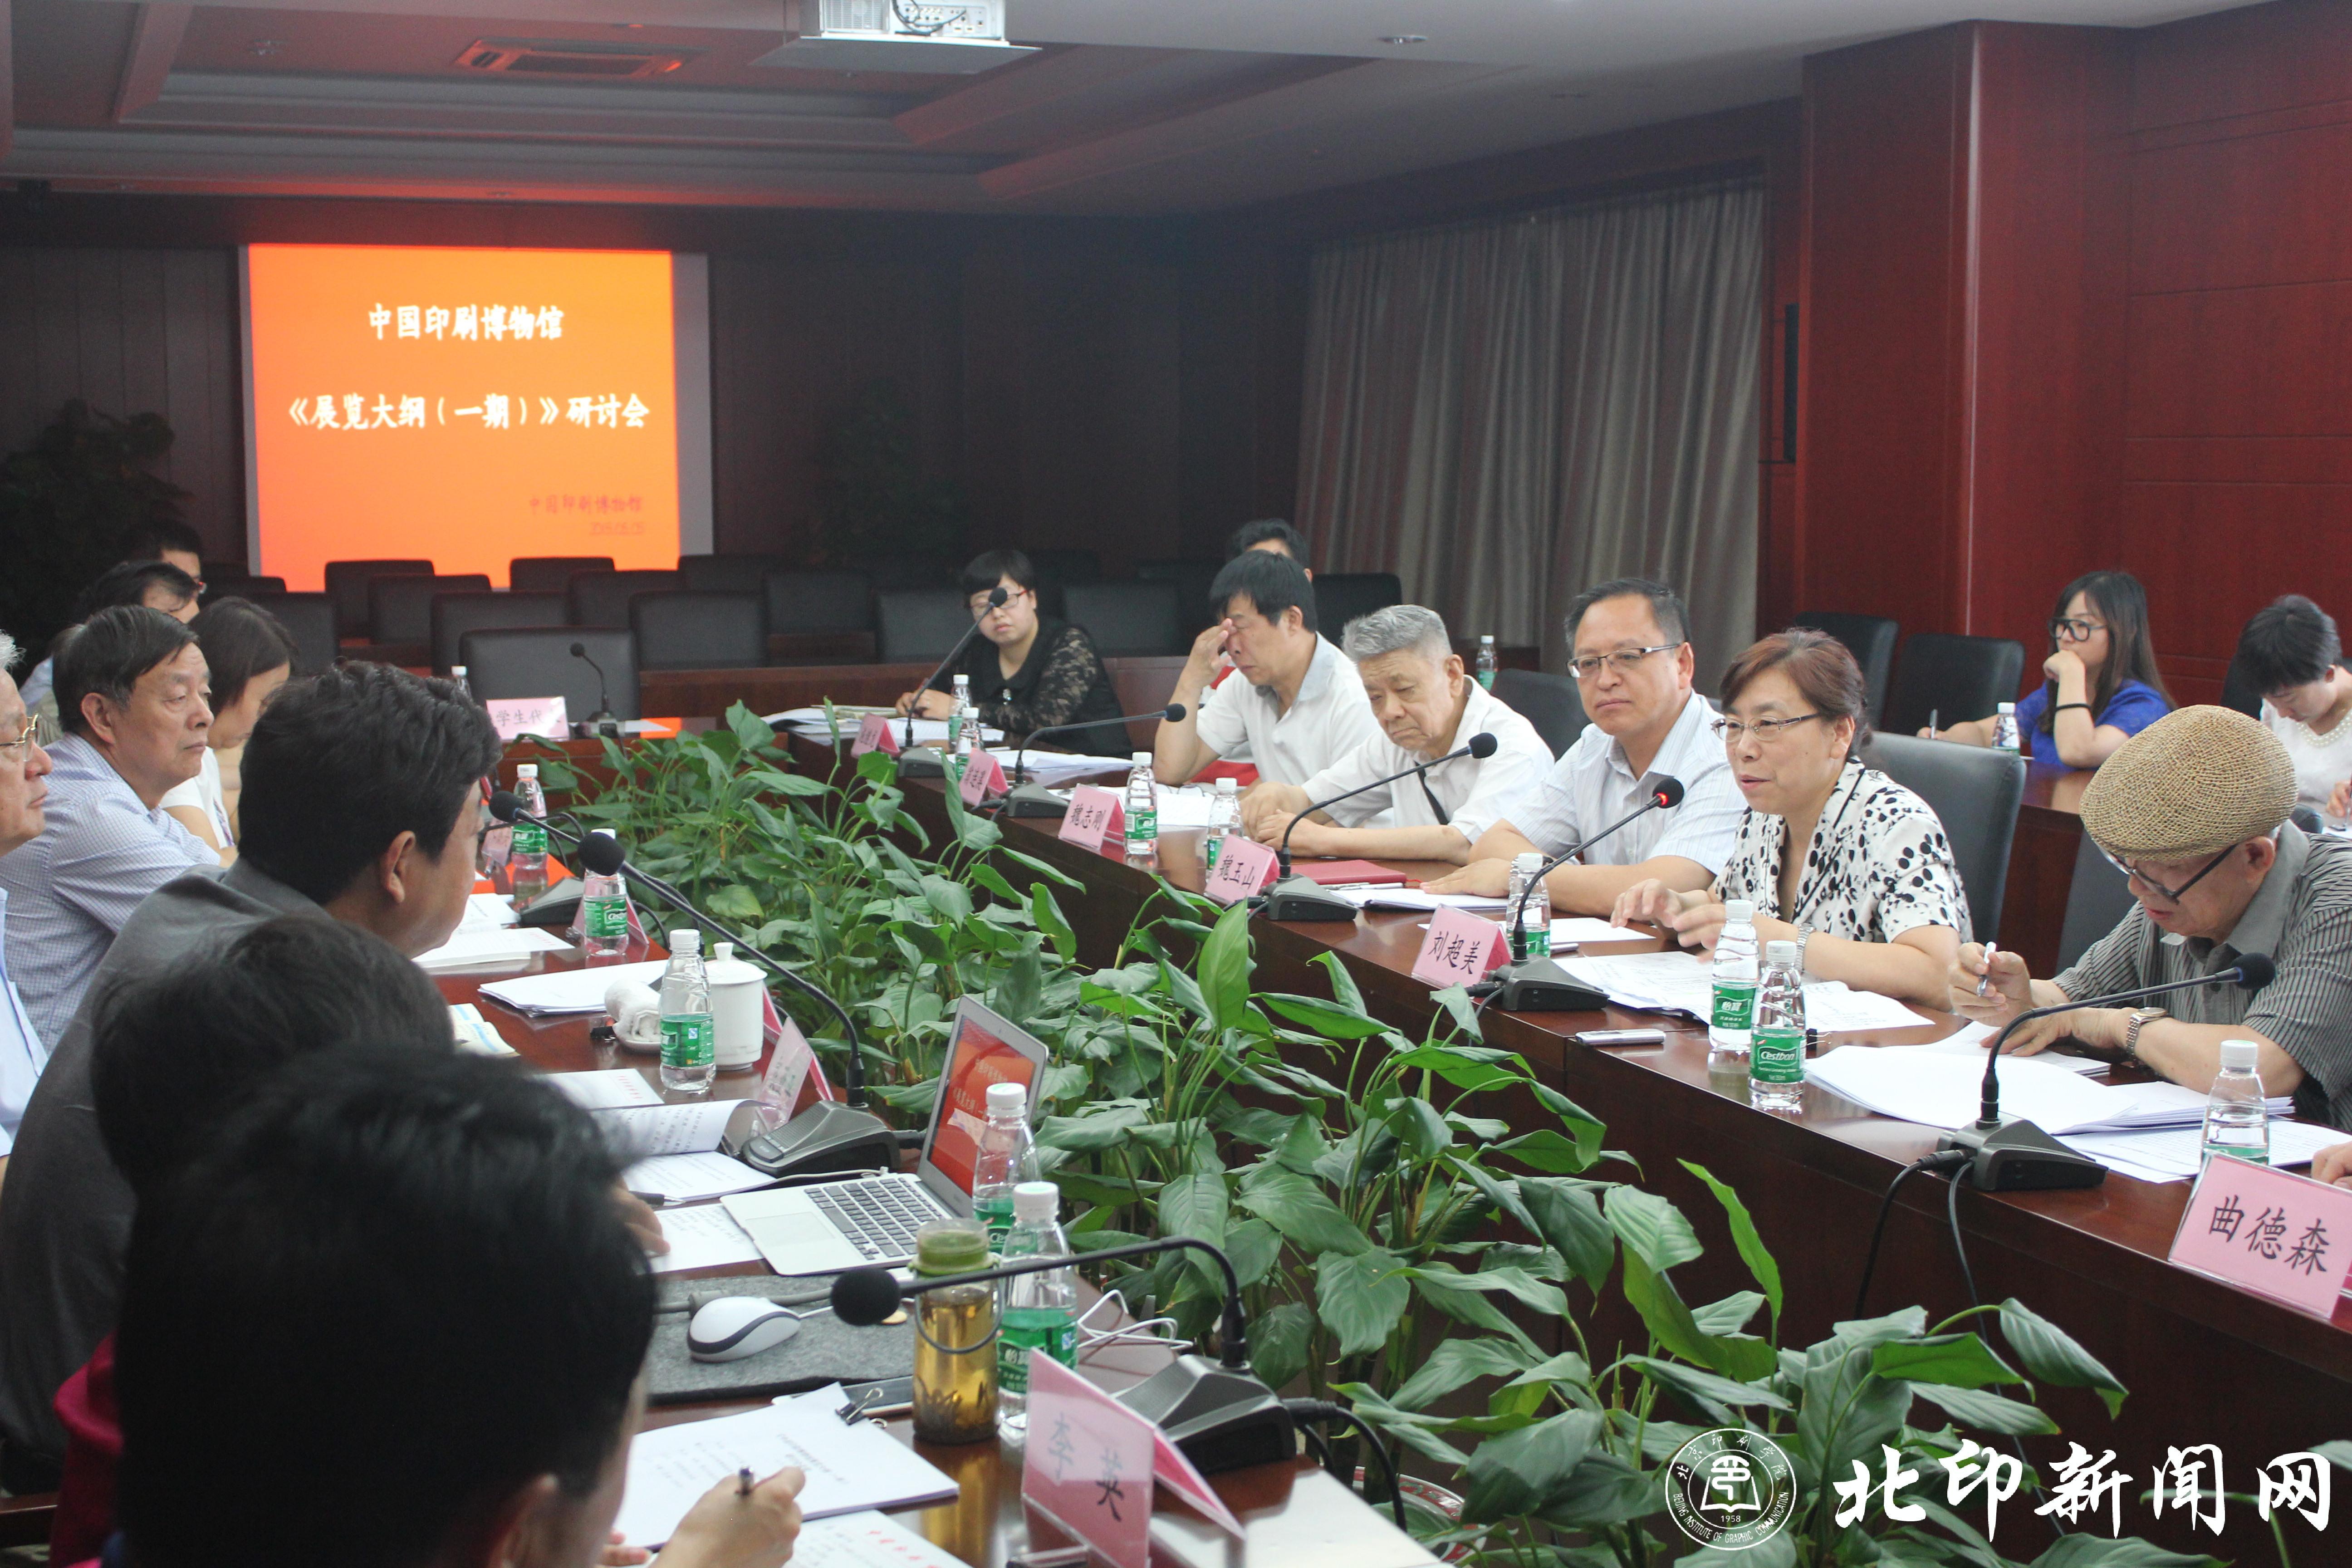 学校应邀参加中国印刷博物馆展陈改造座谈会